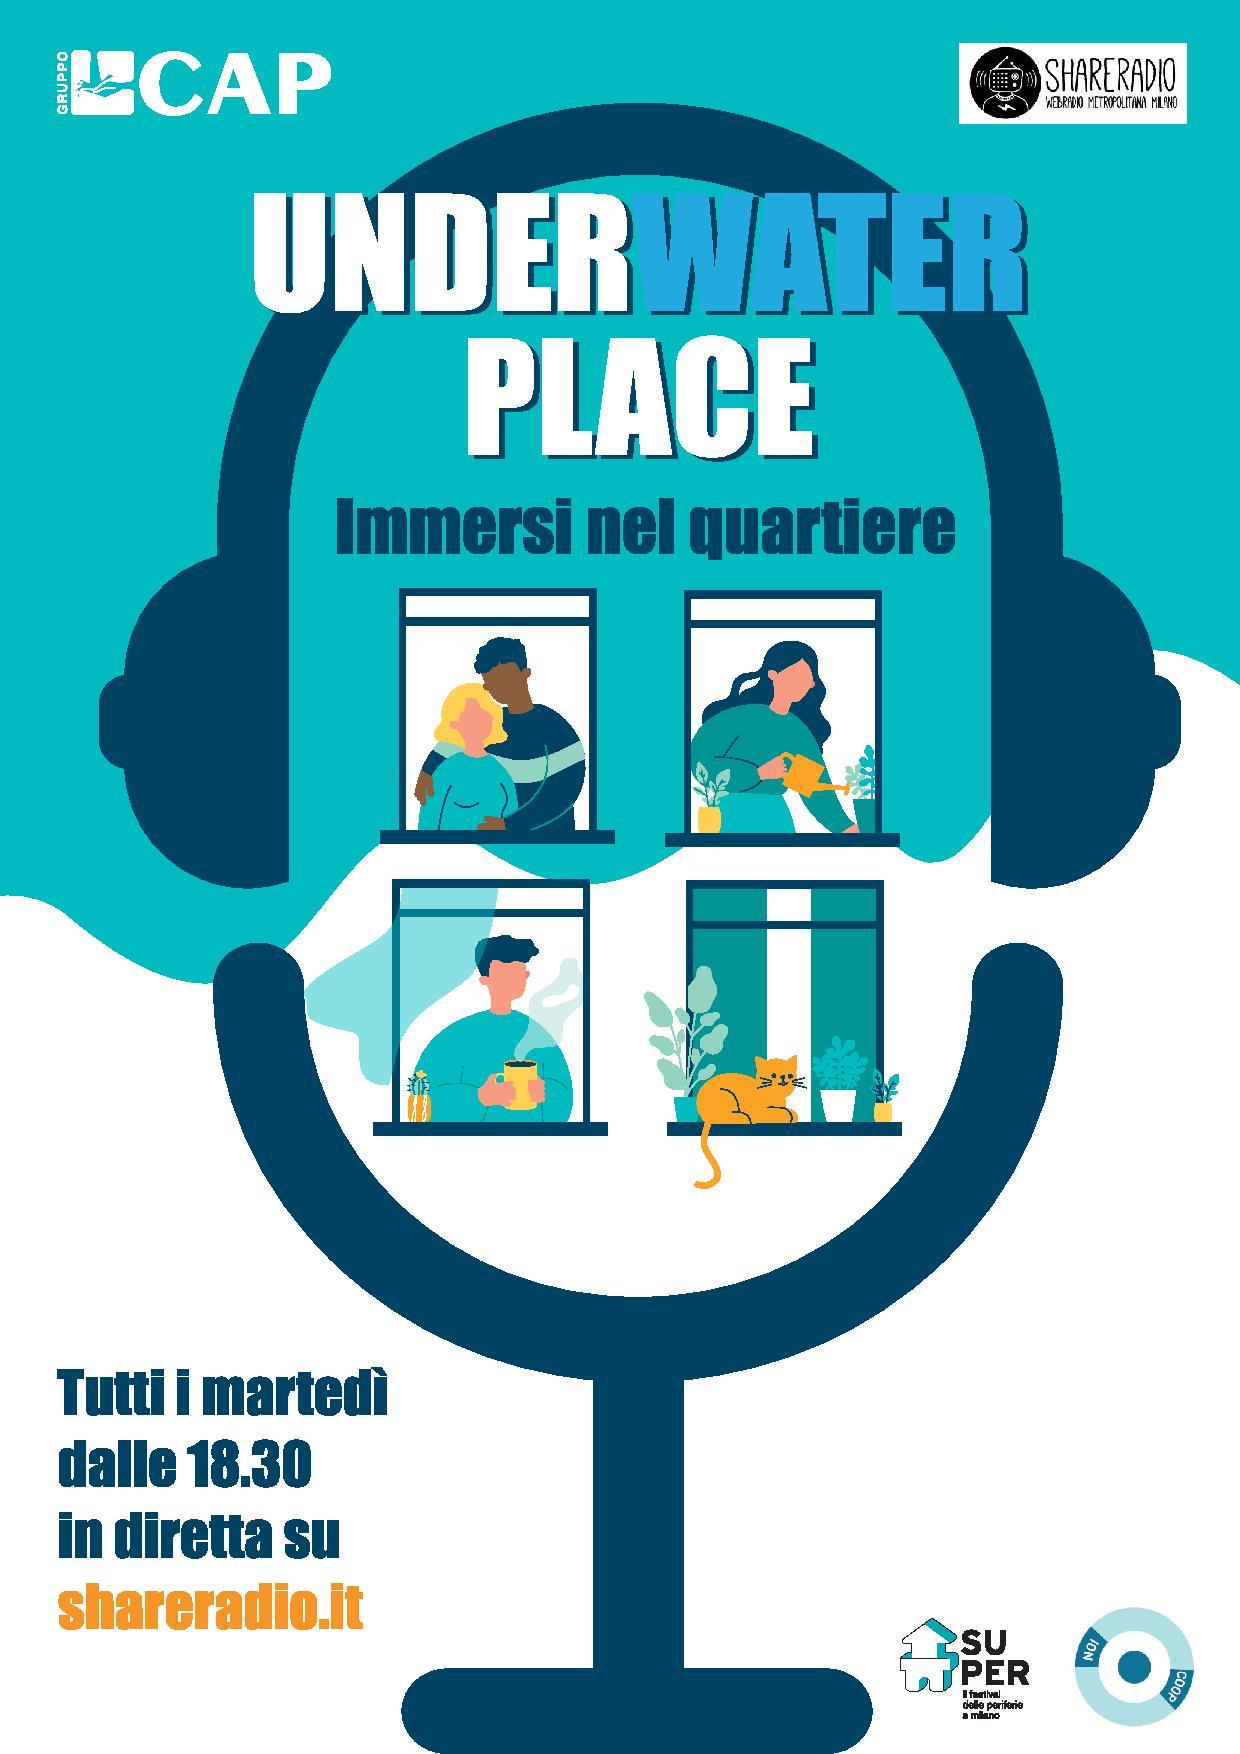 underwater-place,-immersi-nel-quartiere,-10-appuntamenti-radio-per-ascoltare-le-voci-del-quartiere-romolo.